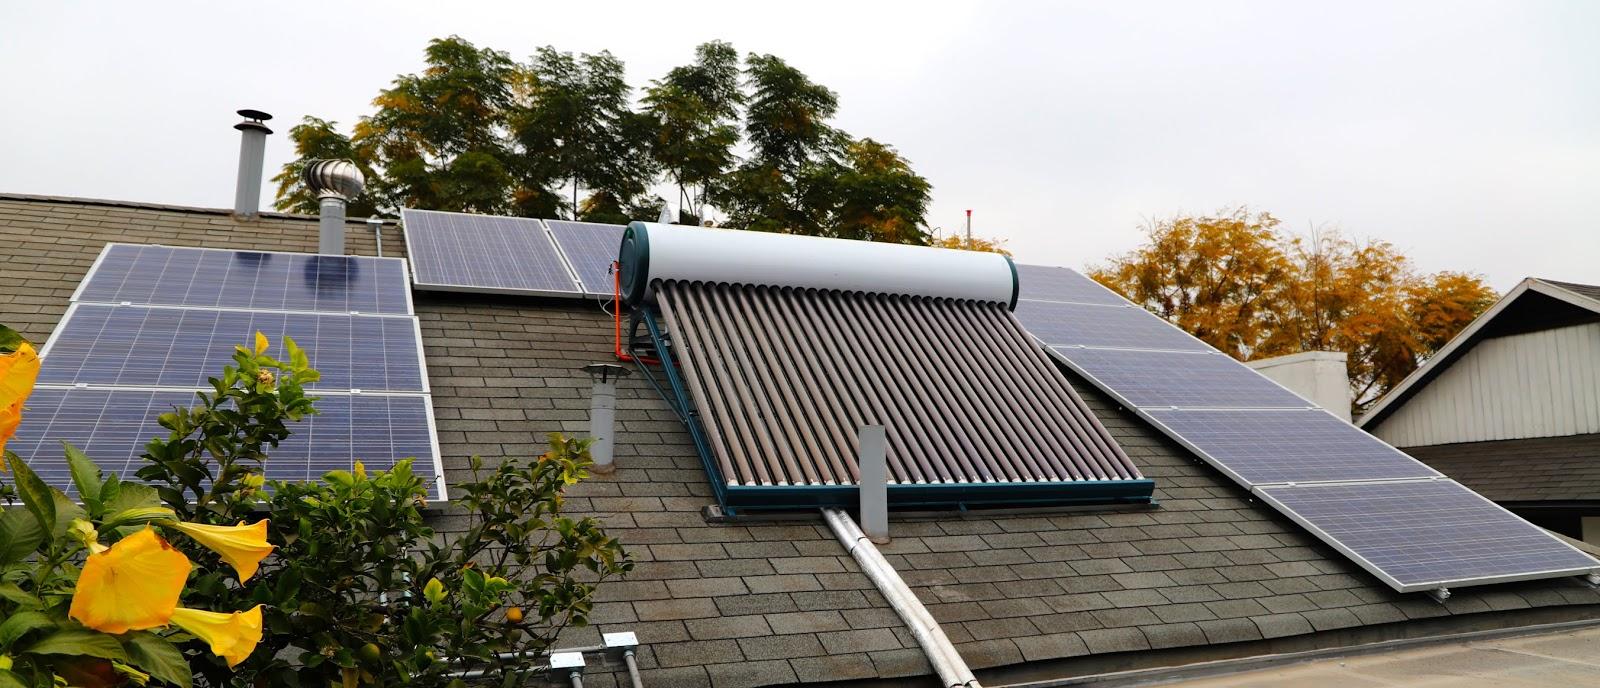 Cómo instalar energía solar térmica en casa